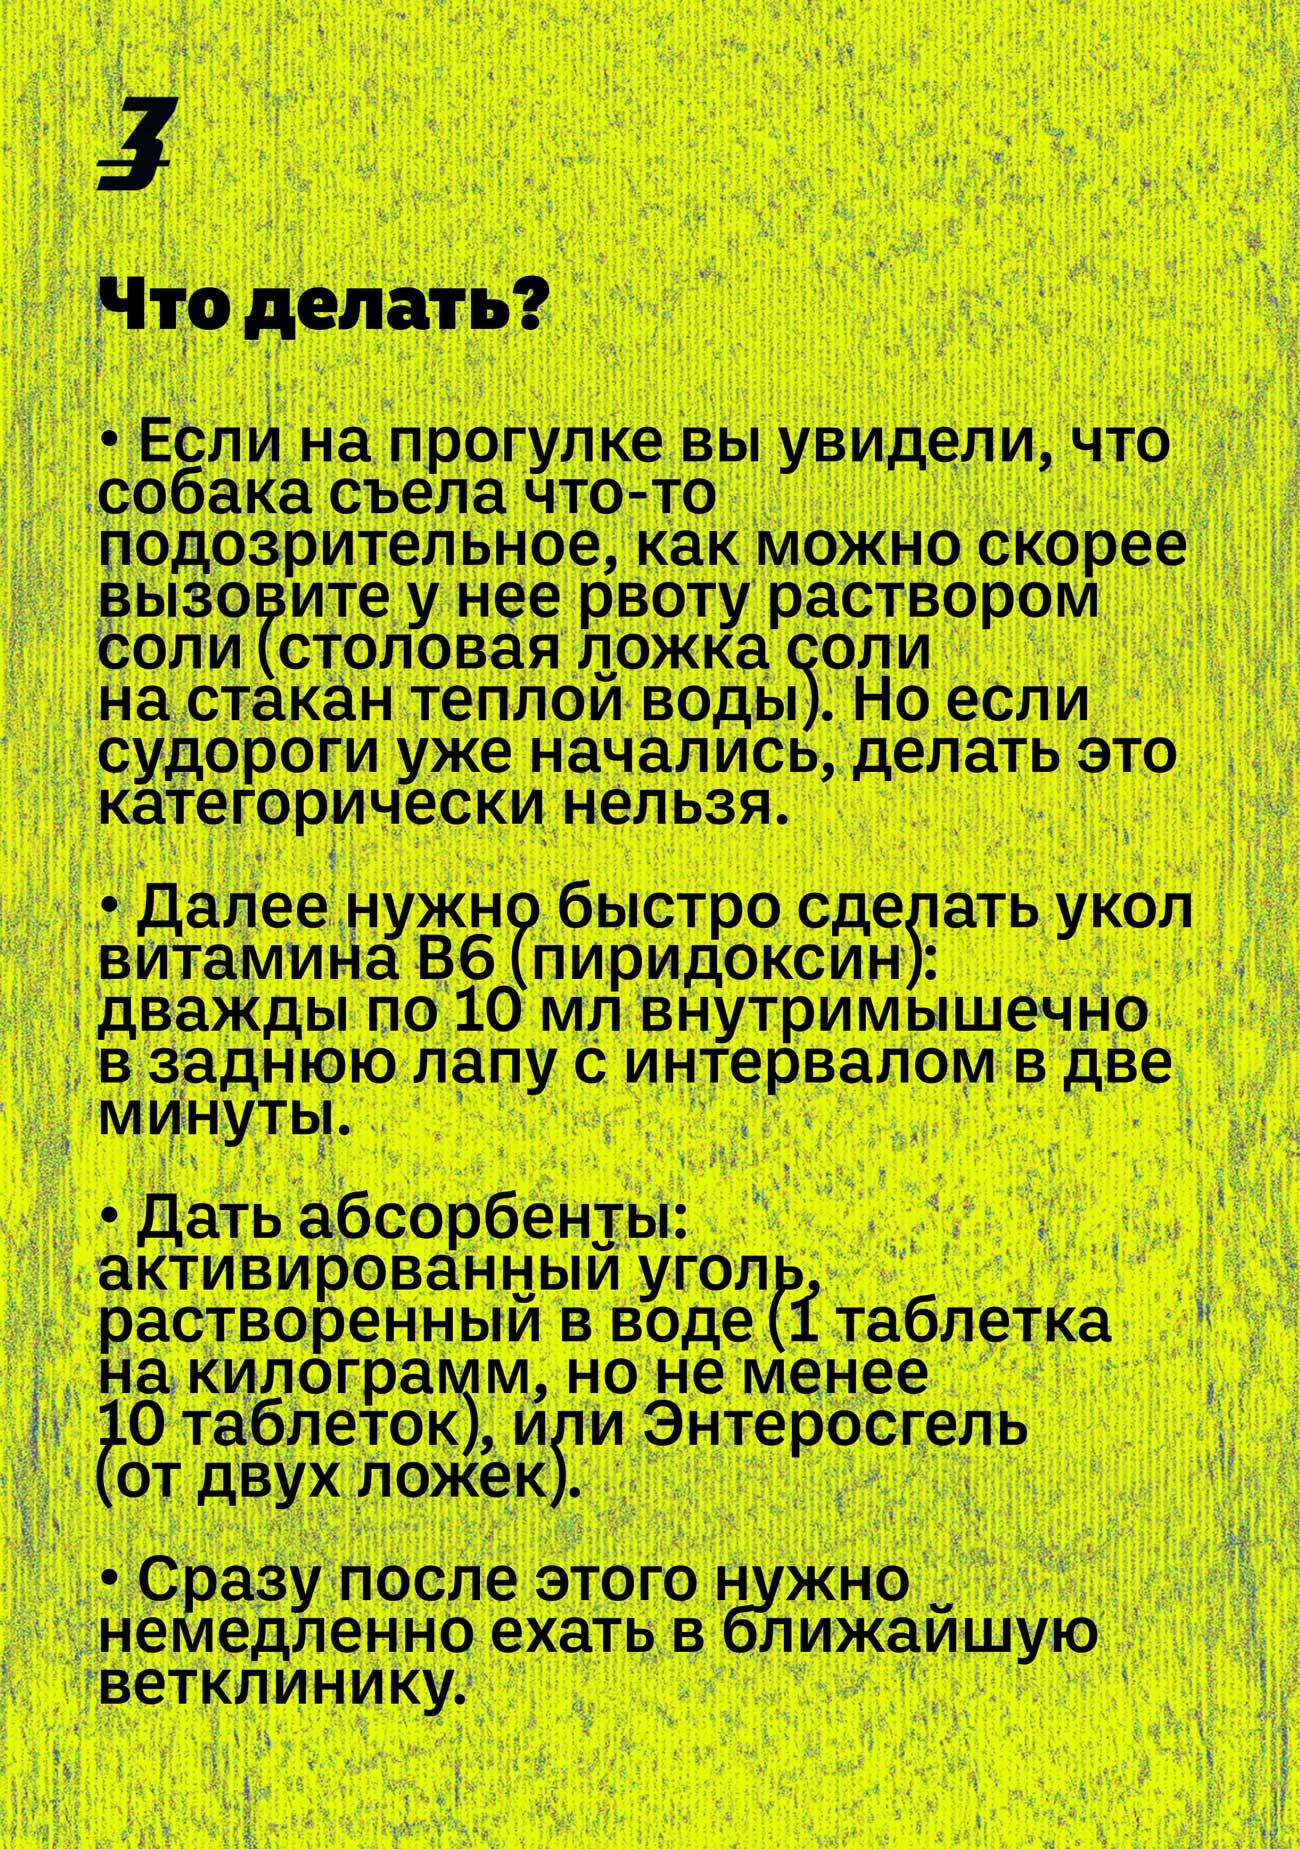 dog hunter ru 03 - <b>Кажется, мою собаку отравили.</b> Что делать? - Заборона